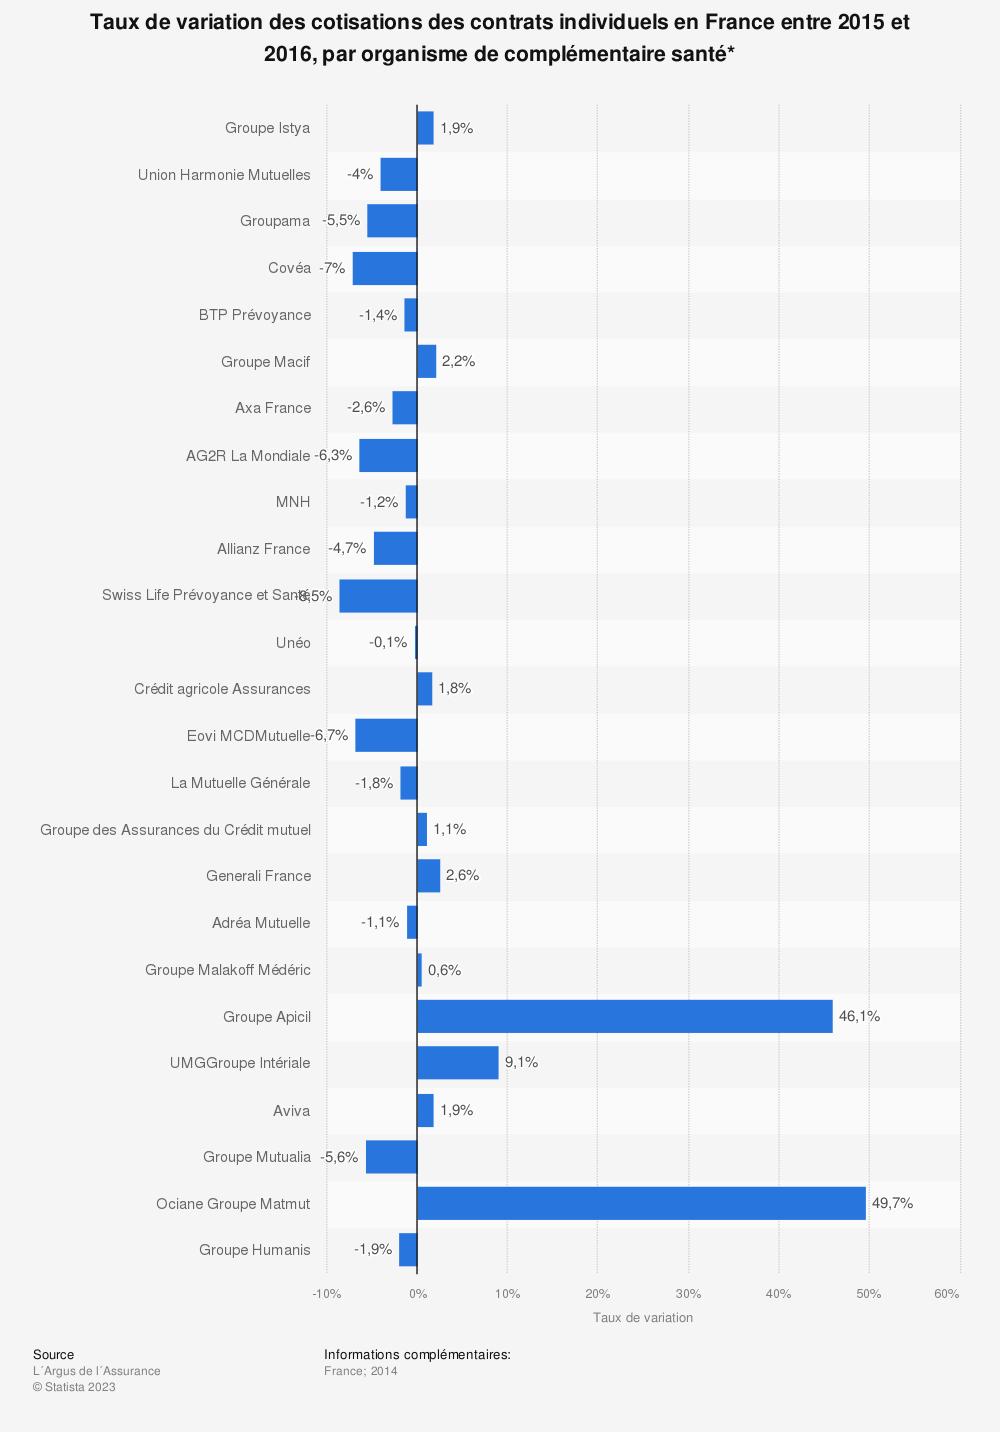 Statistique: Taux de variation des cotisations des contrats individuels en France entre 2015 et 2016, par organisme de complémentaire santé* | Statista